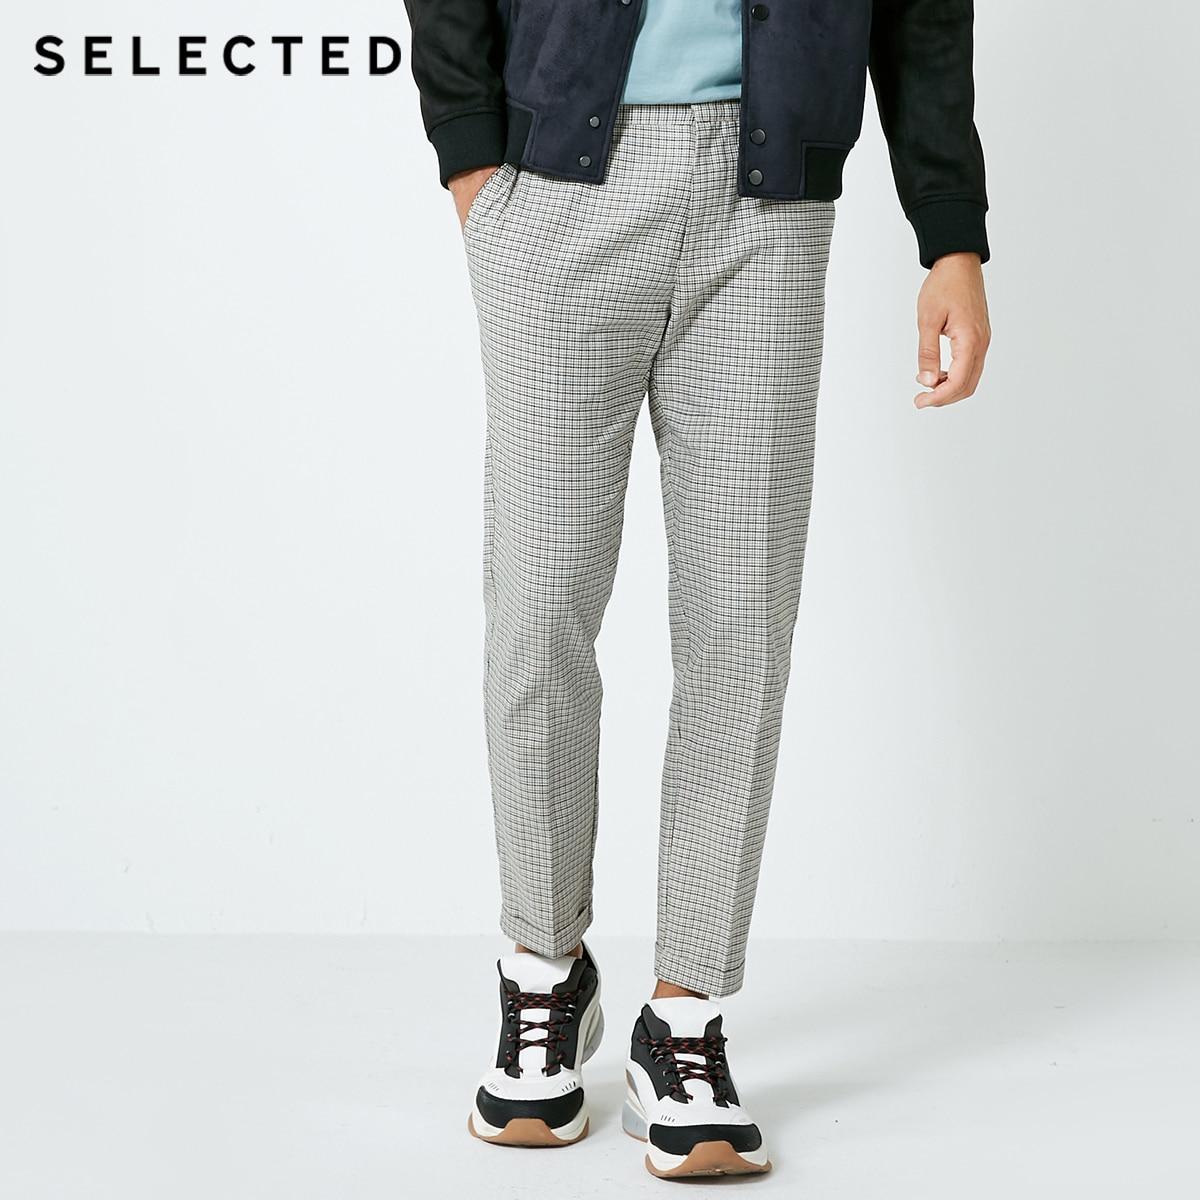 SELECTED autumn new men s pure cotton lattice business casual pants S 418314507